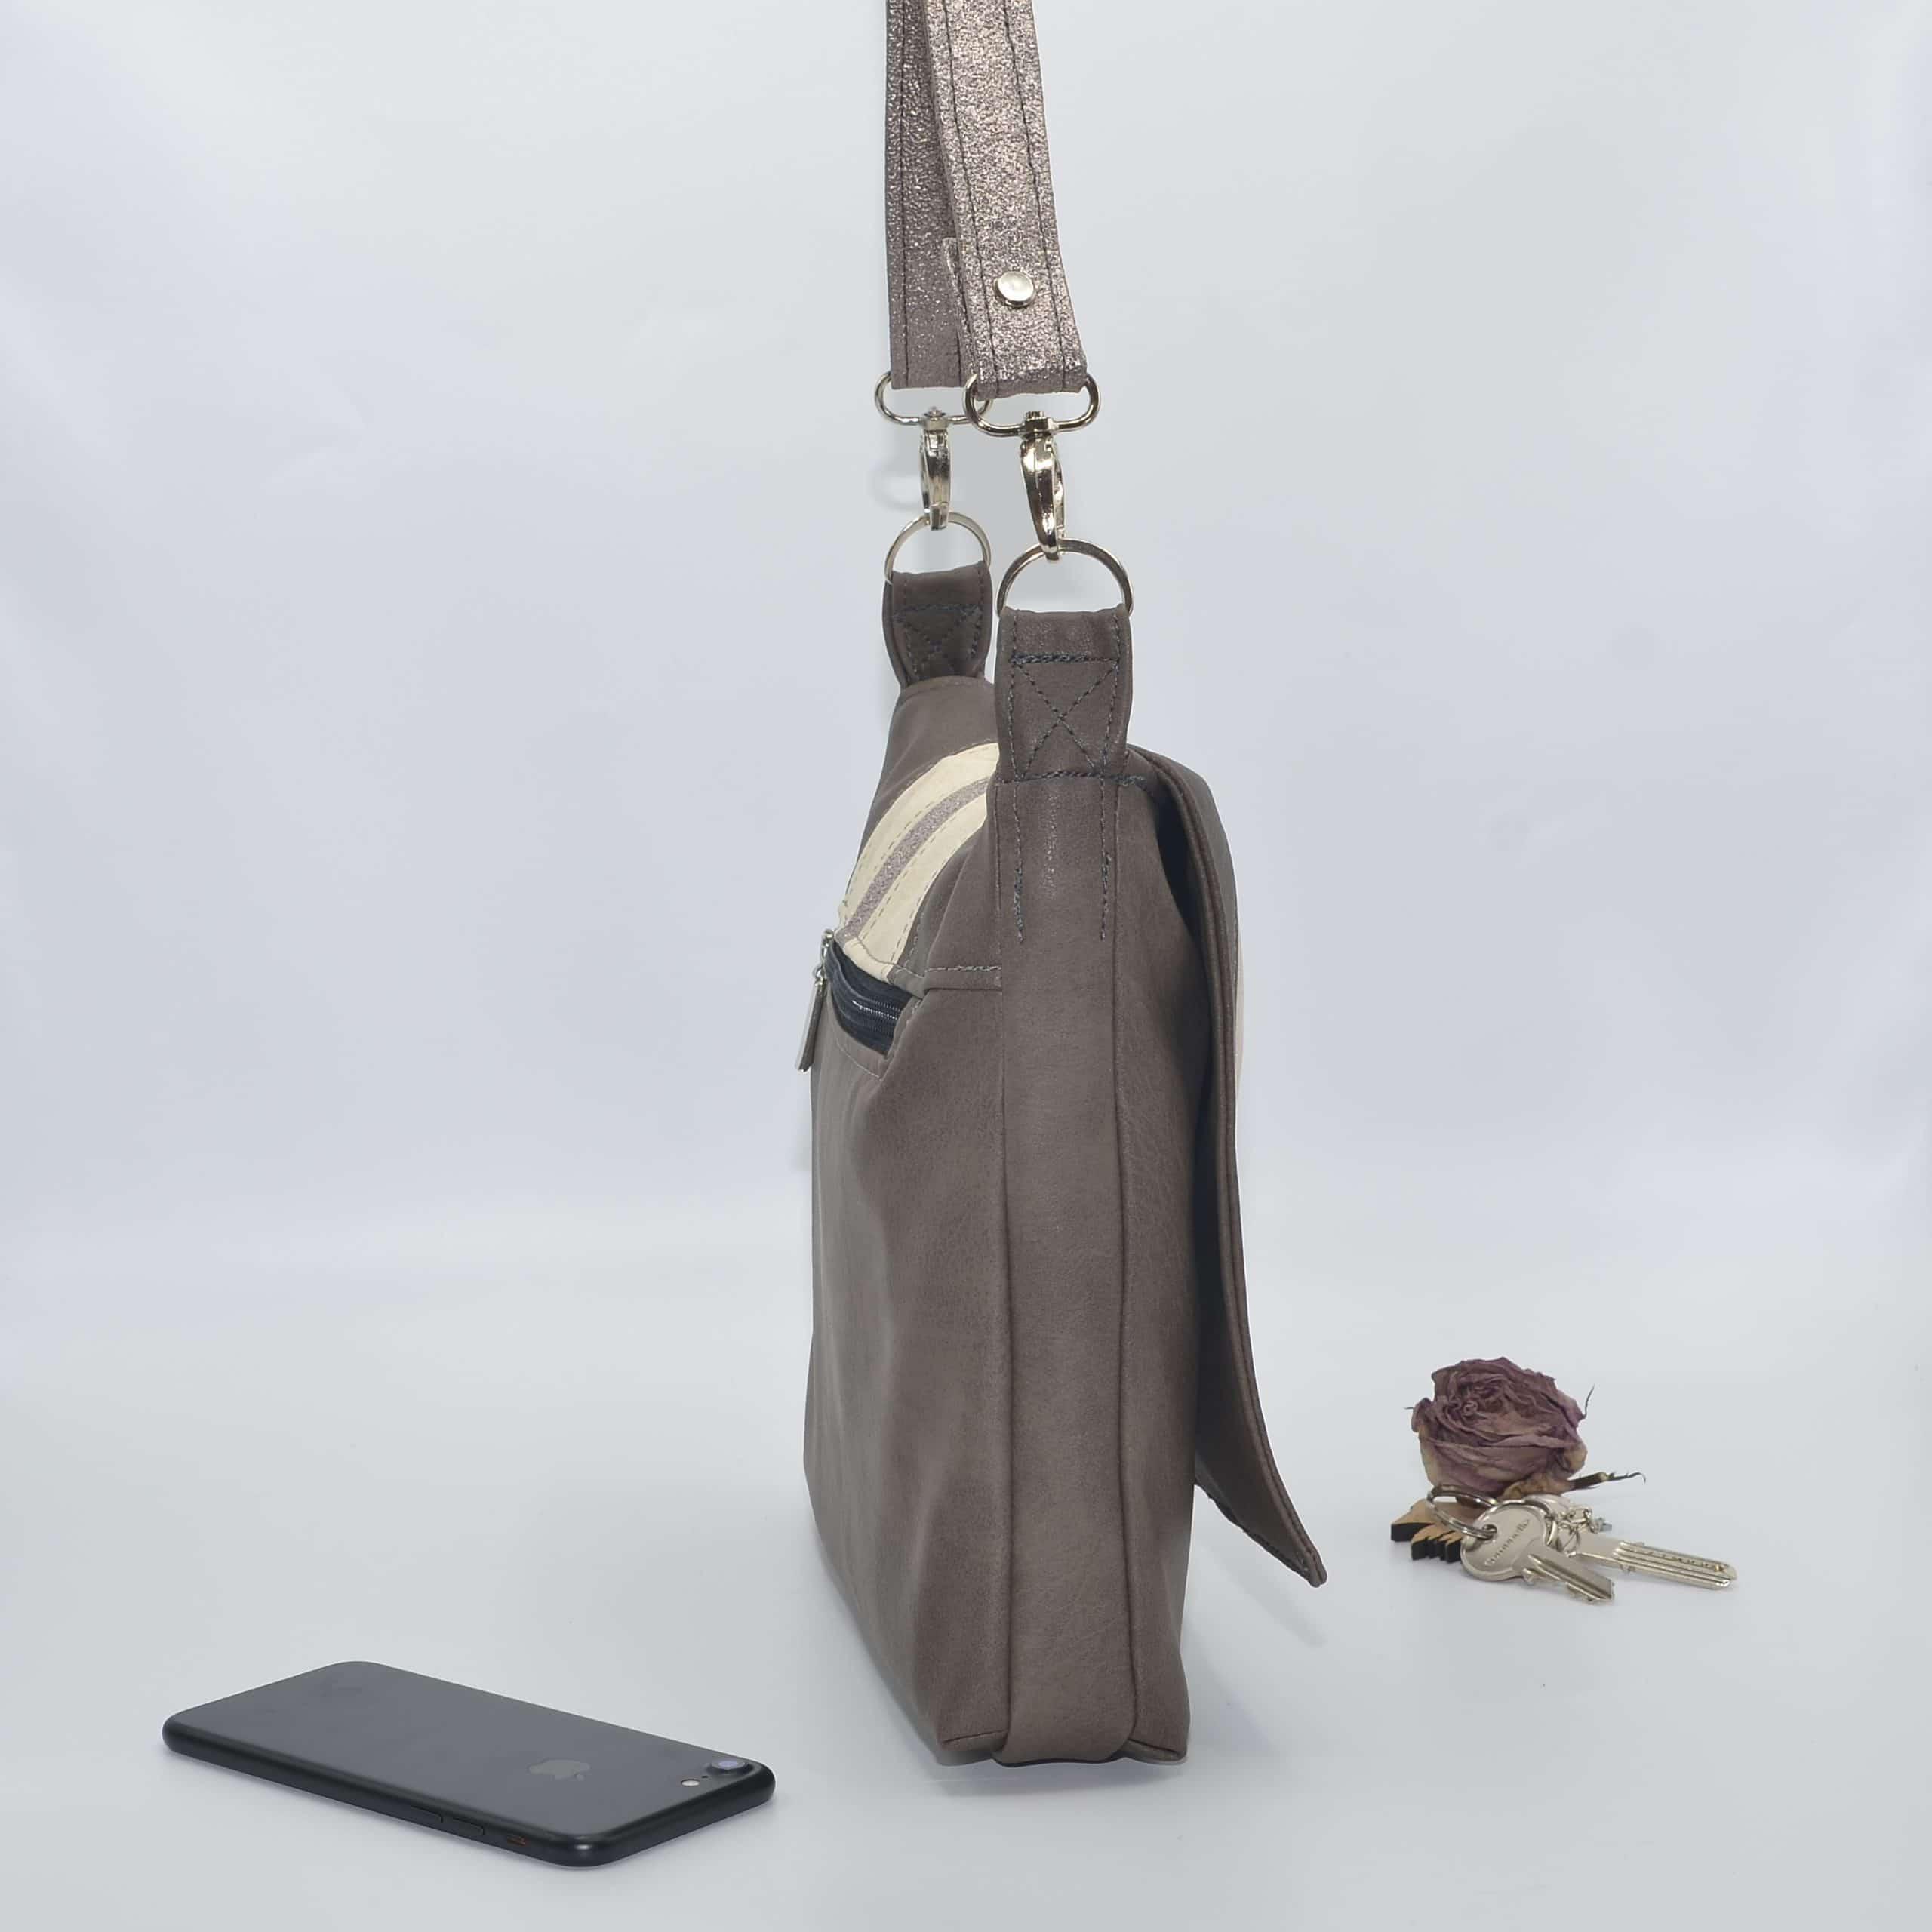 Sac bandoulière taupe avec sa poche extérieure zippée.